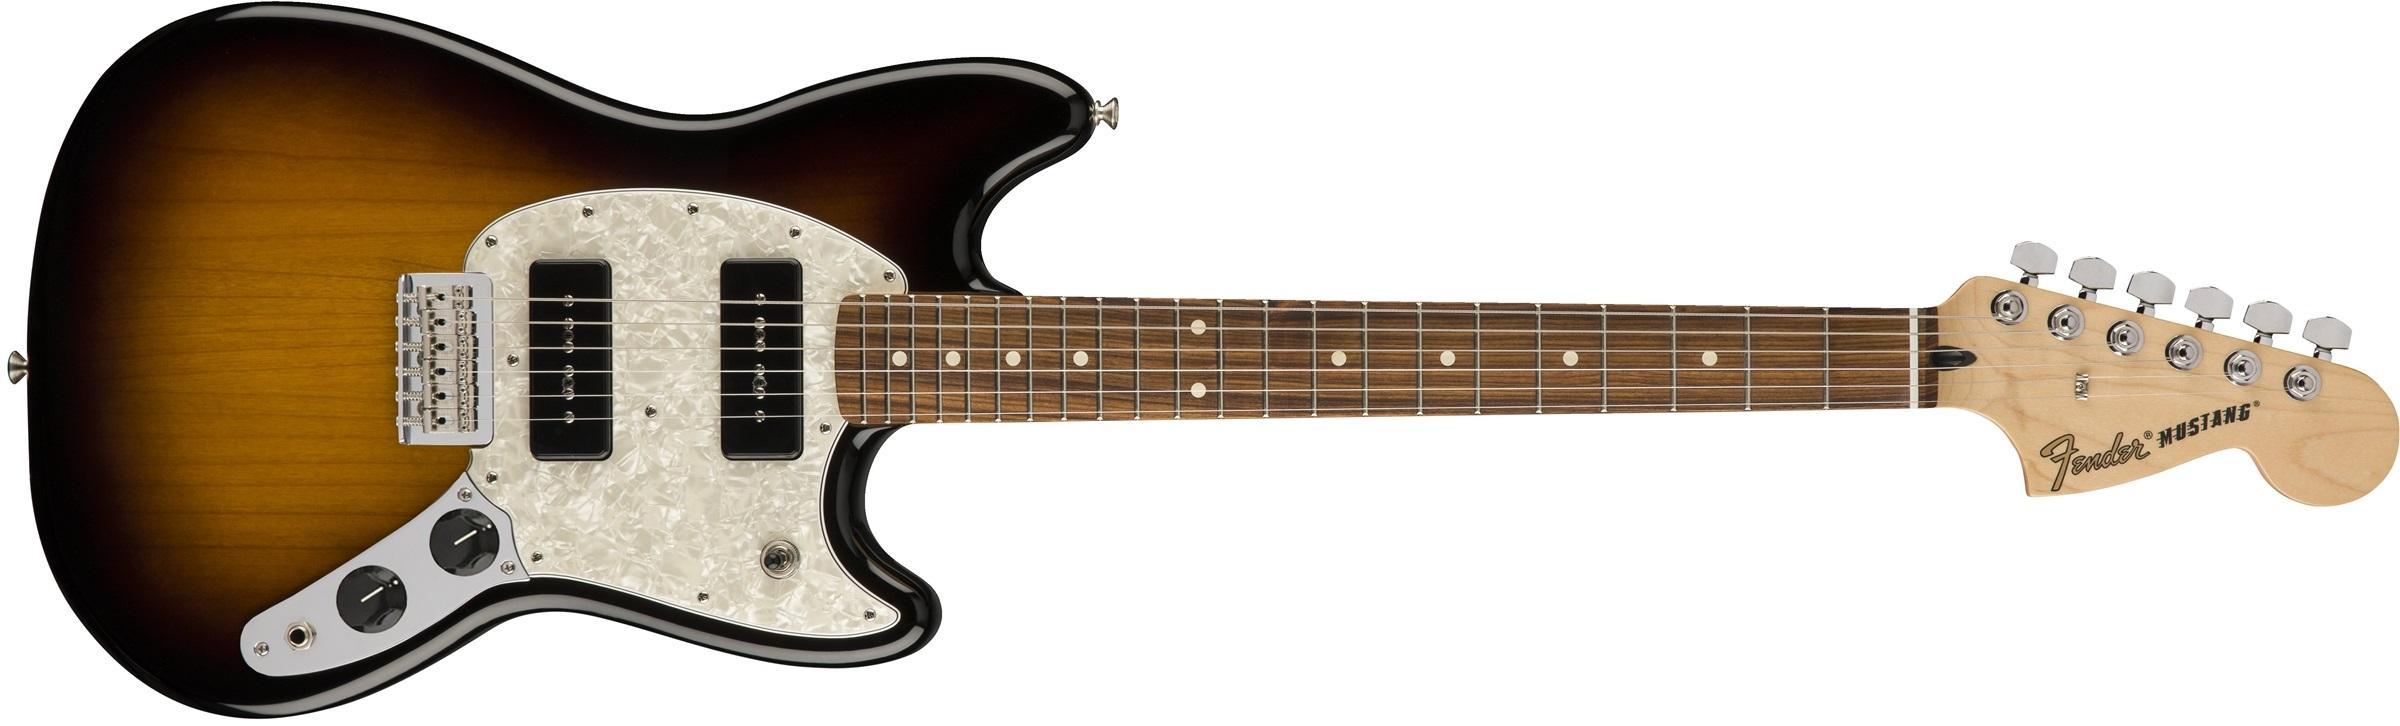 Fender Mustang 90 PF 2CS